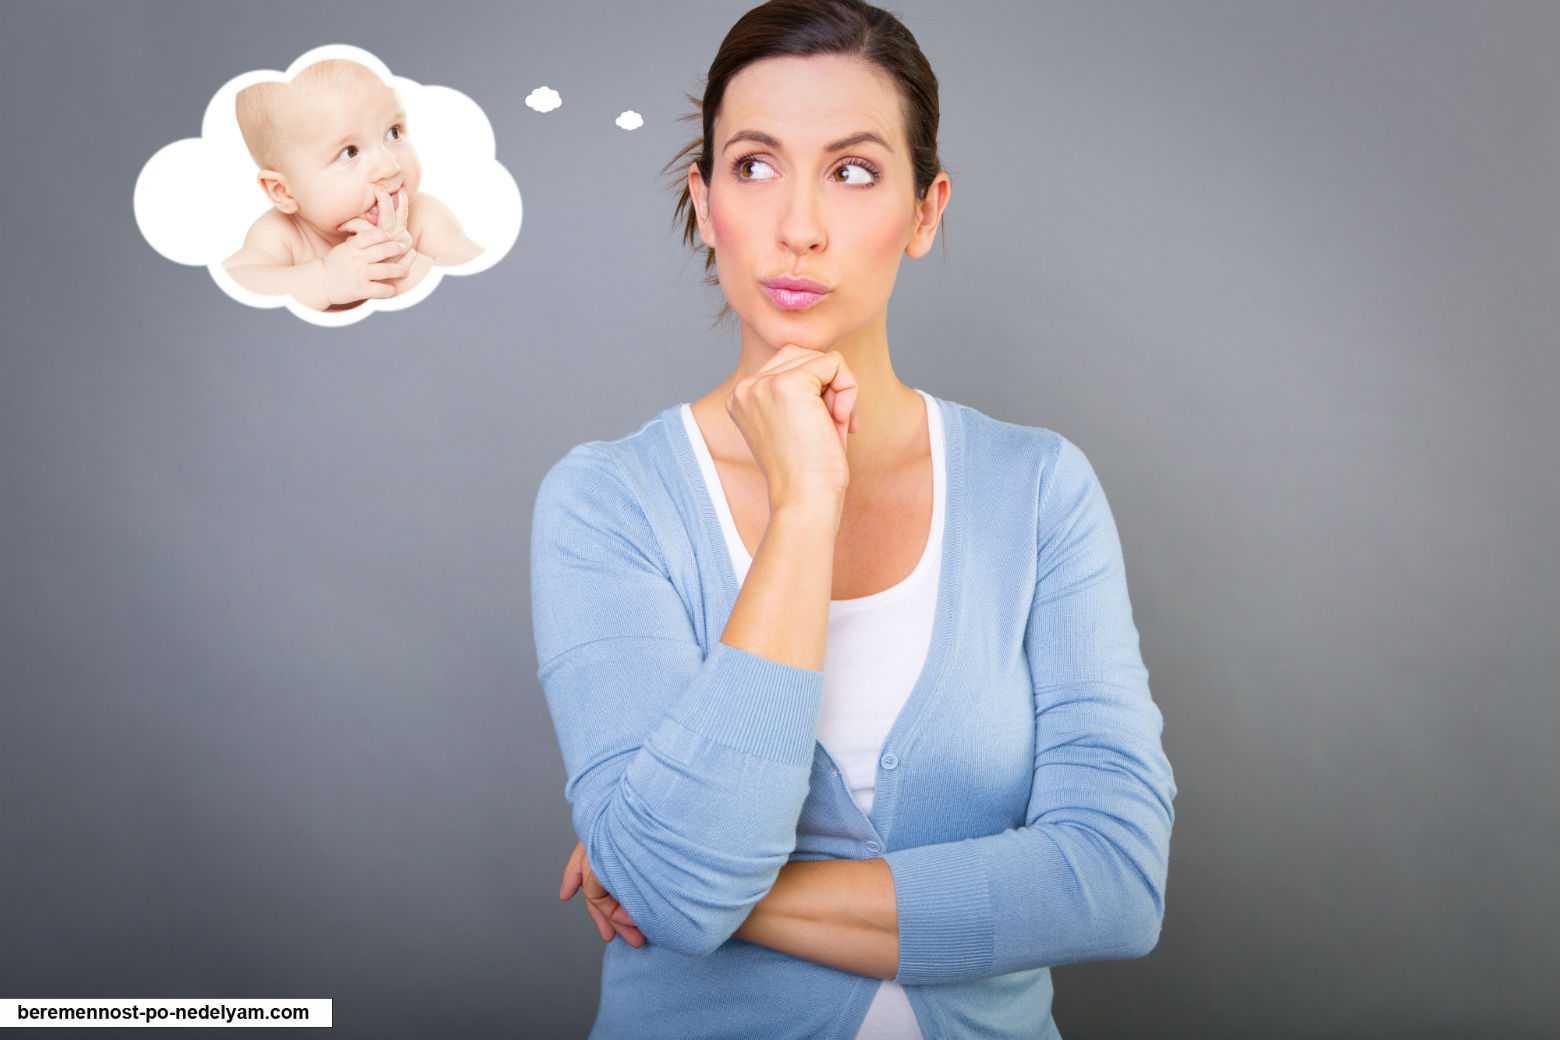 Беременность в 40 лет: как подготовиться, чем опасна, плюсы и минусы / mama66.ru